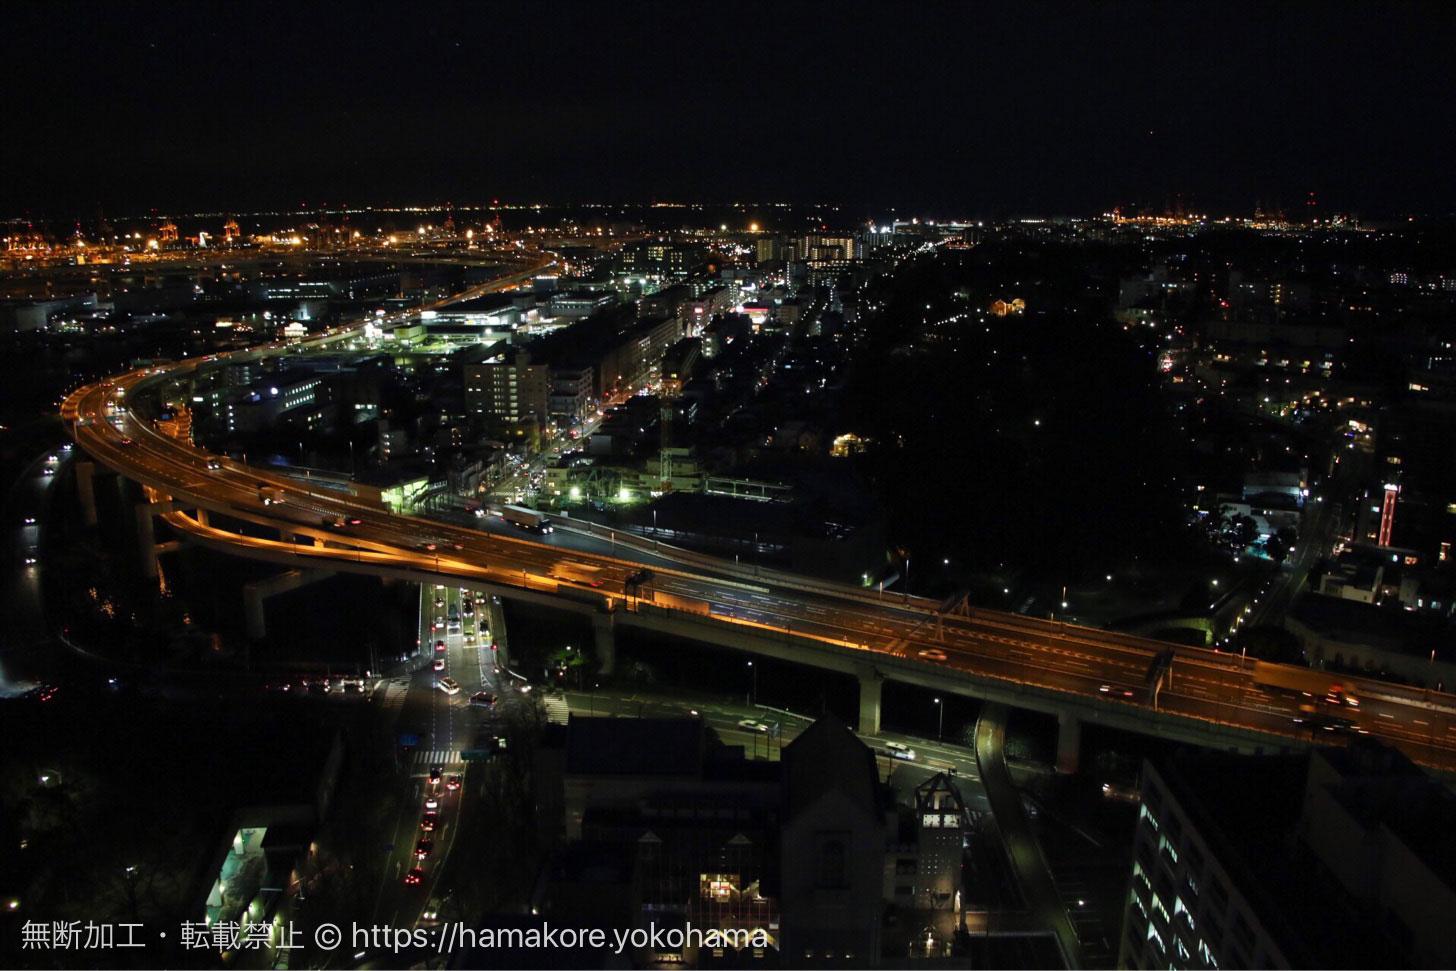 横浜マリンタワーから見た夜景 高速道路